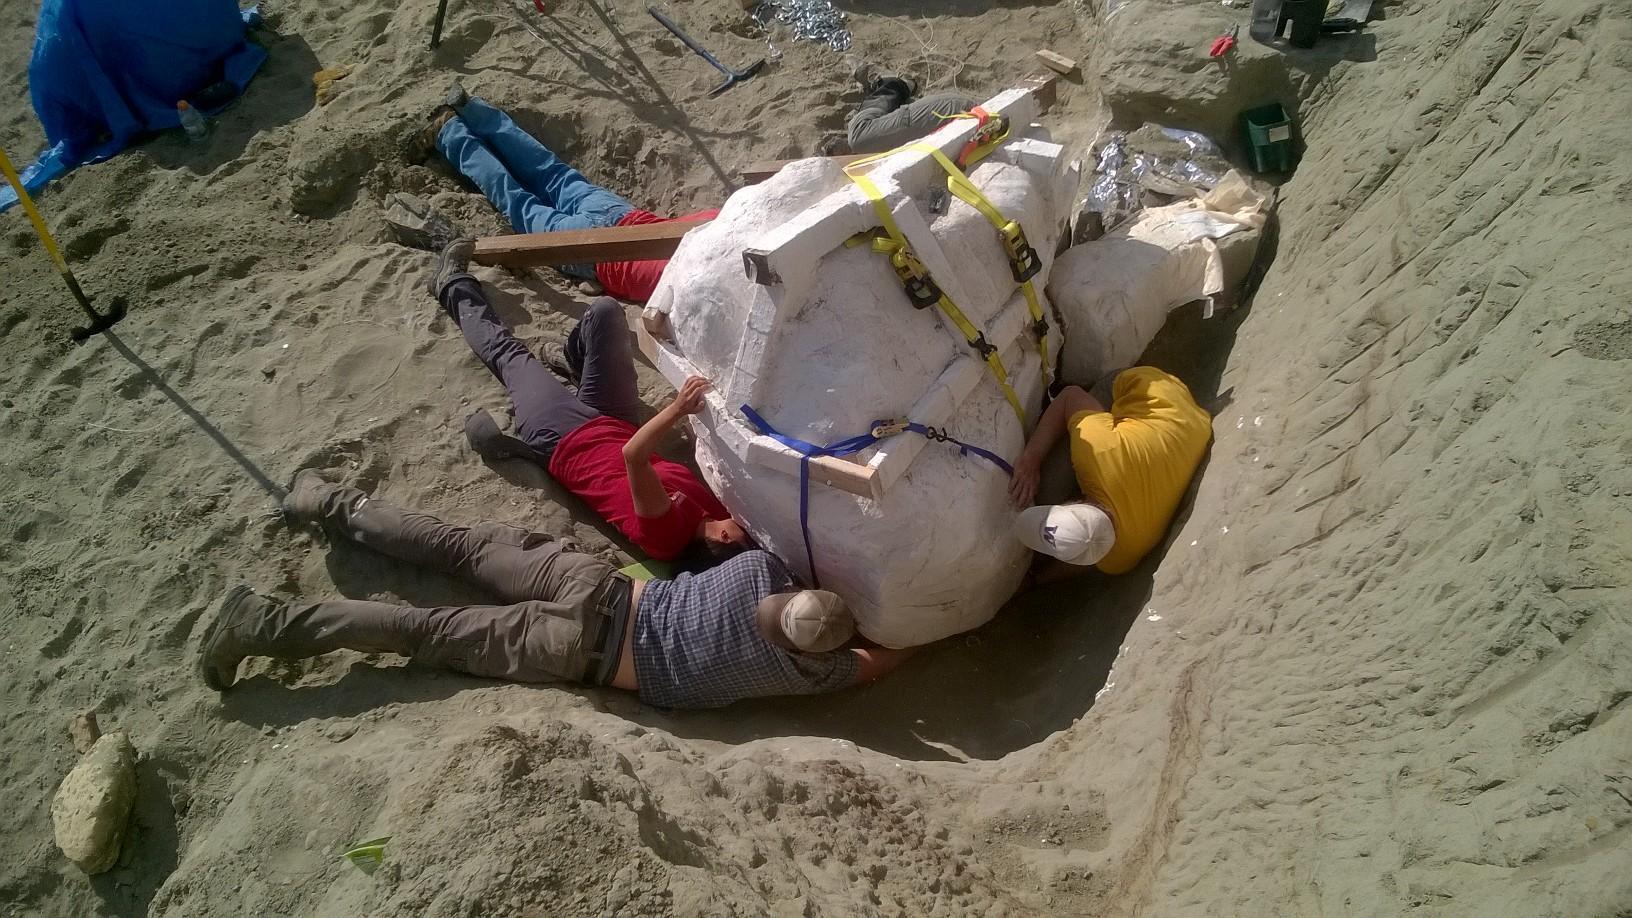 Částečně zachovalá lebka nového jedince tyranosaura v ochranném sádrovém obalu před převozem do preparační laboratoře. Fosilní lebka o délce asi 1,2 metru váží i s okolní horninou výrazně přes 1 tunu. Byla odkryta v sedimentech souvrství Hell Creek n